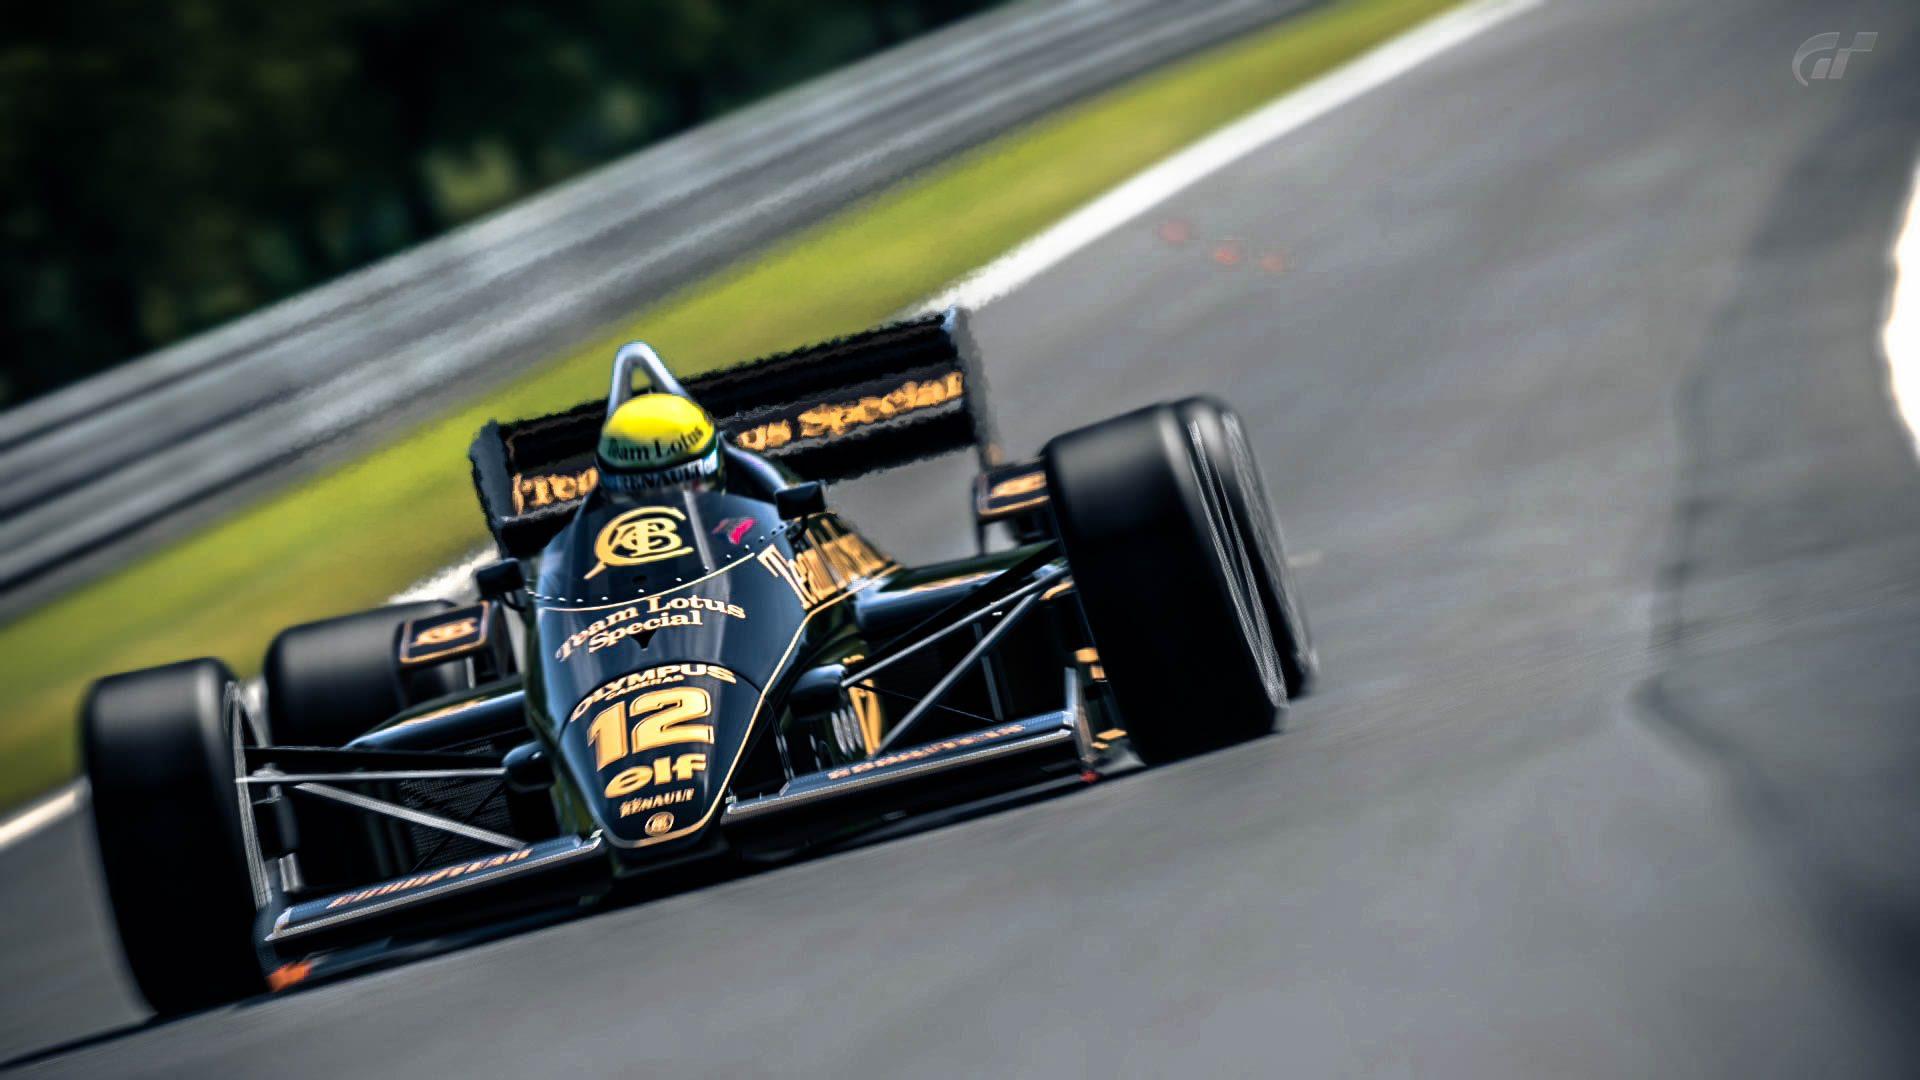 Senna_2.jpg